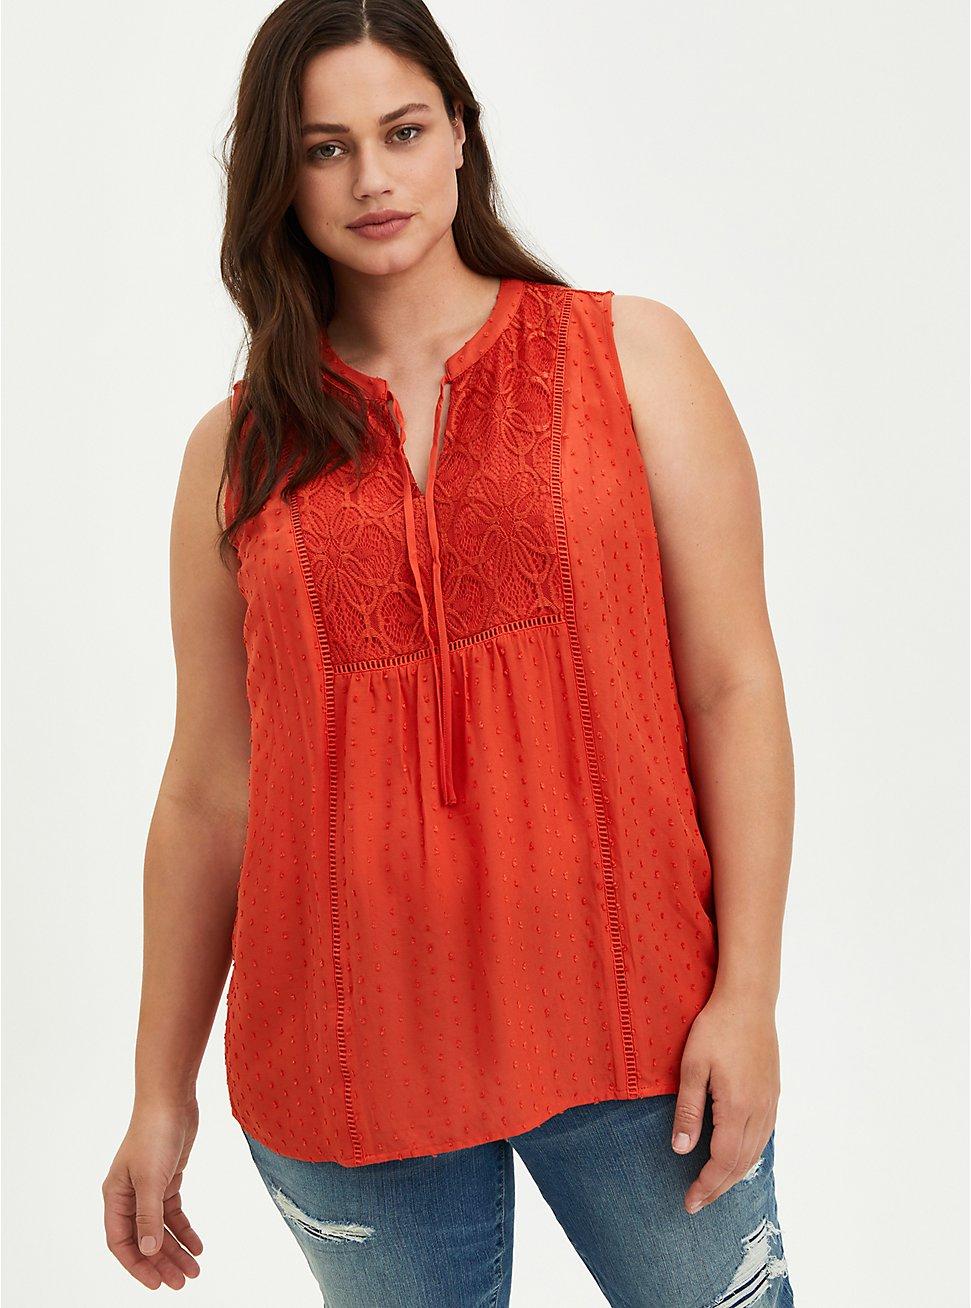 Swiss Dot Crochet Top - Orange, ORANGE, hi-res